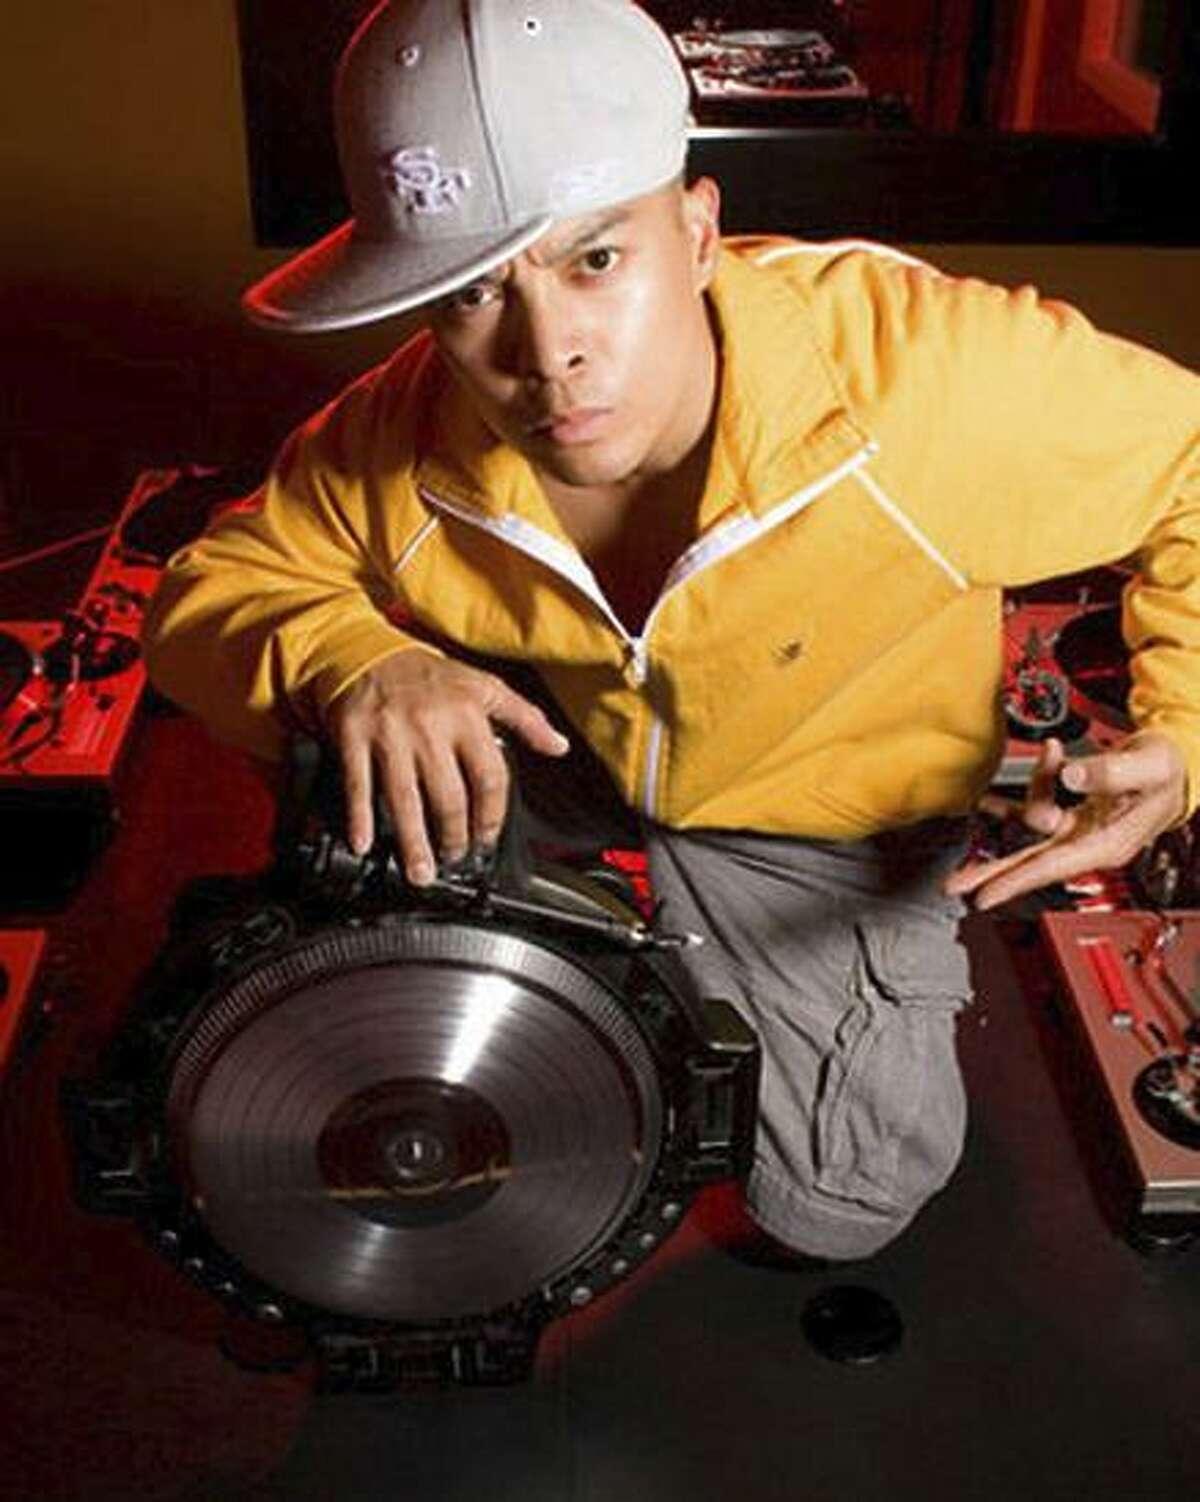 DJ QBert, a.k.a. Richard Quitevis, got his first turntable as a child.